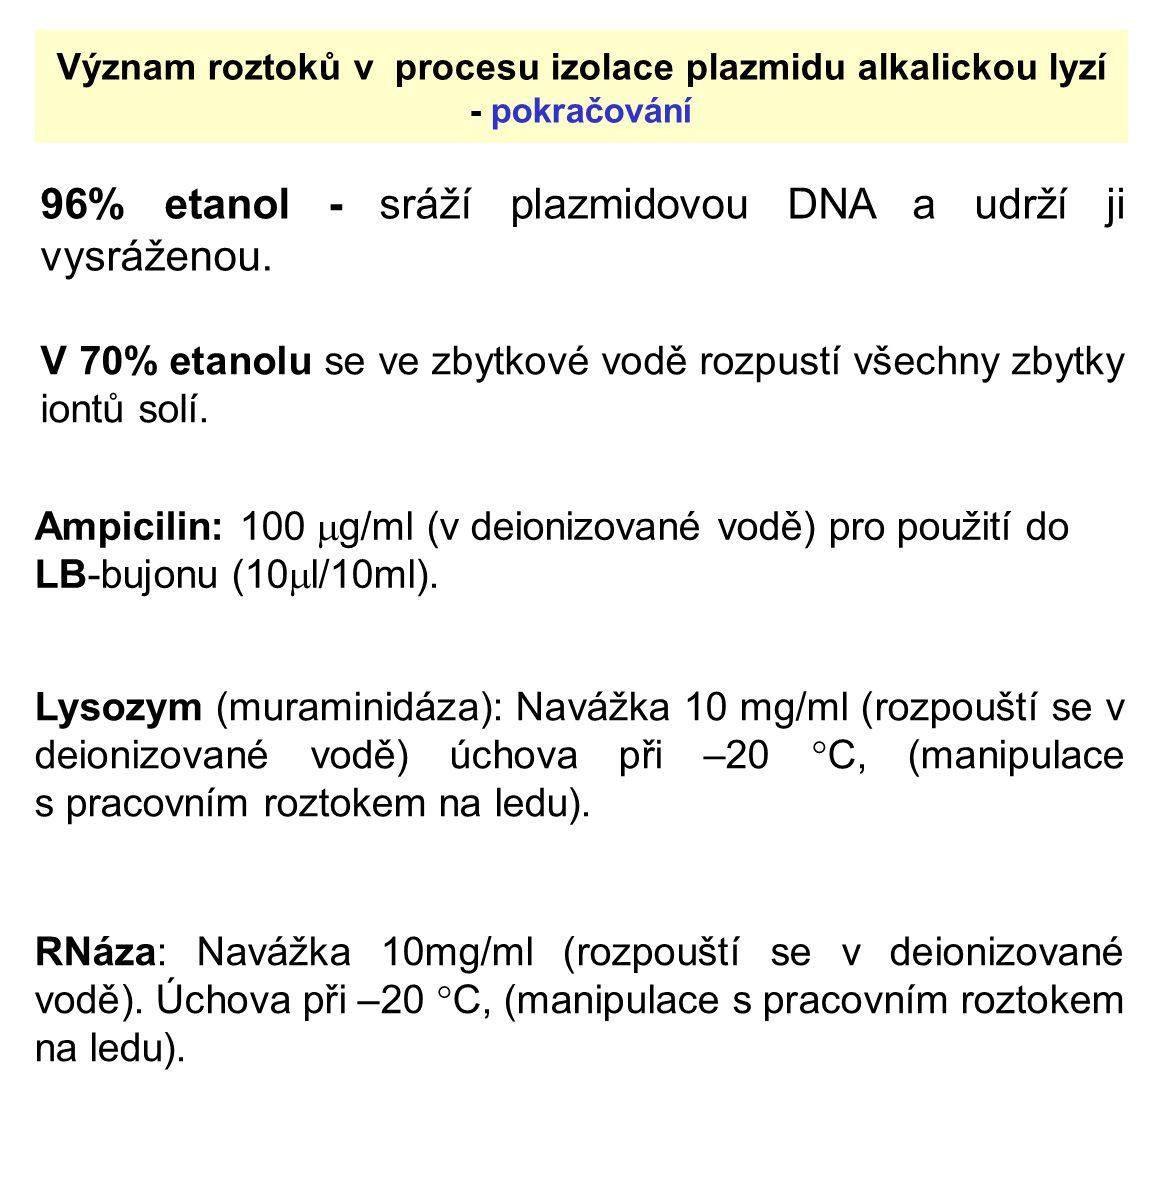 Význam roztoků v procesu izolace plazmidu alkalickou lyzí - pokračování 96% etanol - sráží plazmidovou DNA a udrží ji vysráženou.